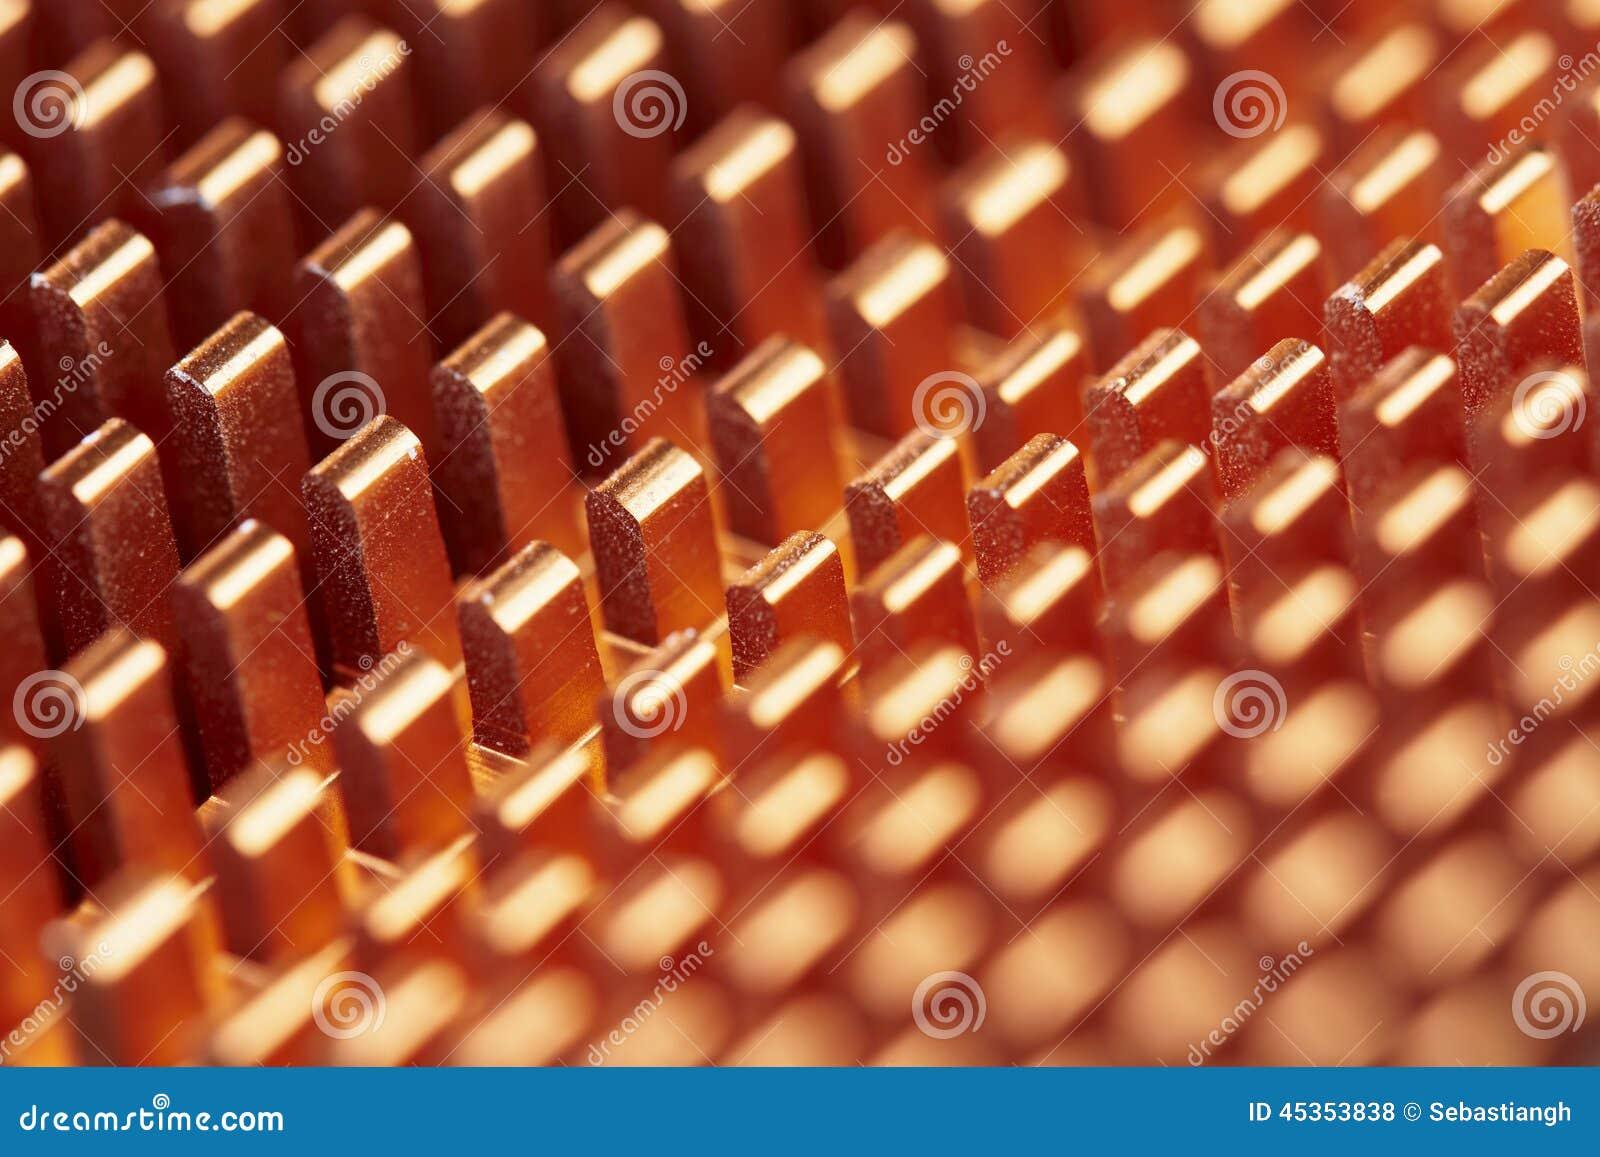 Configuration métallique abstraite